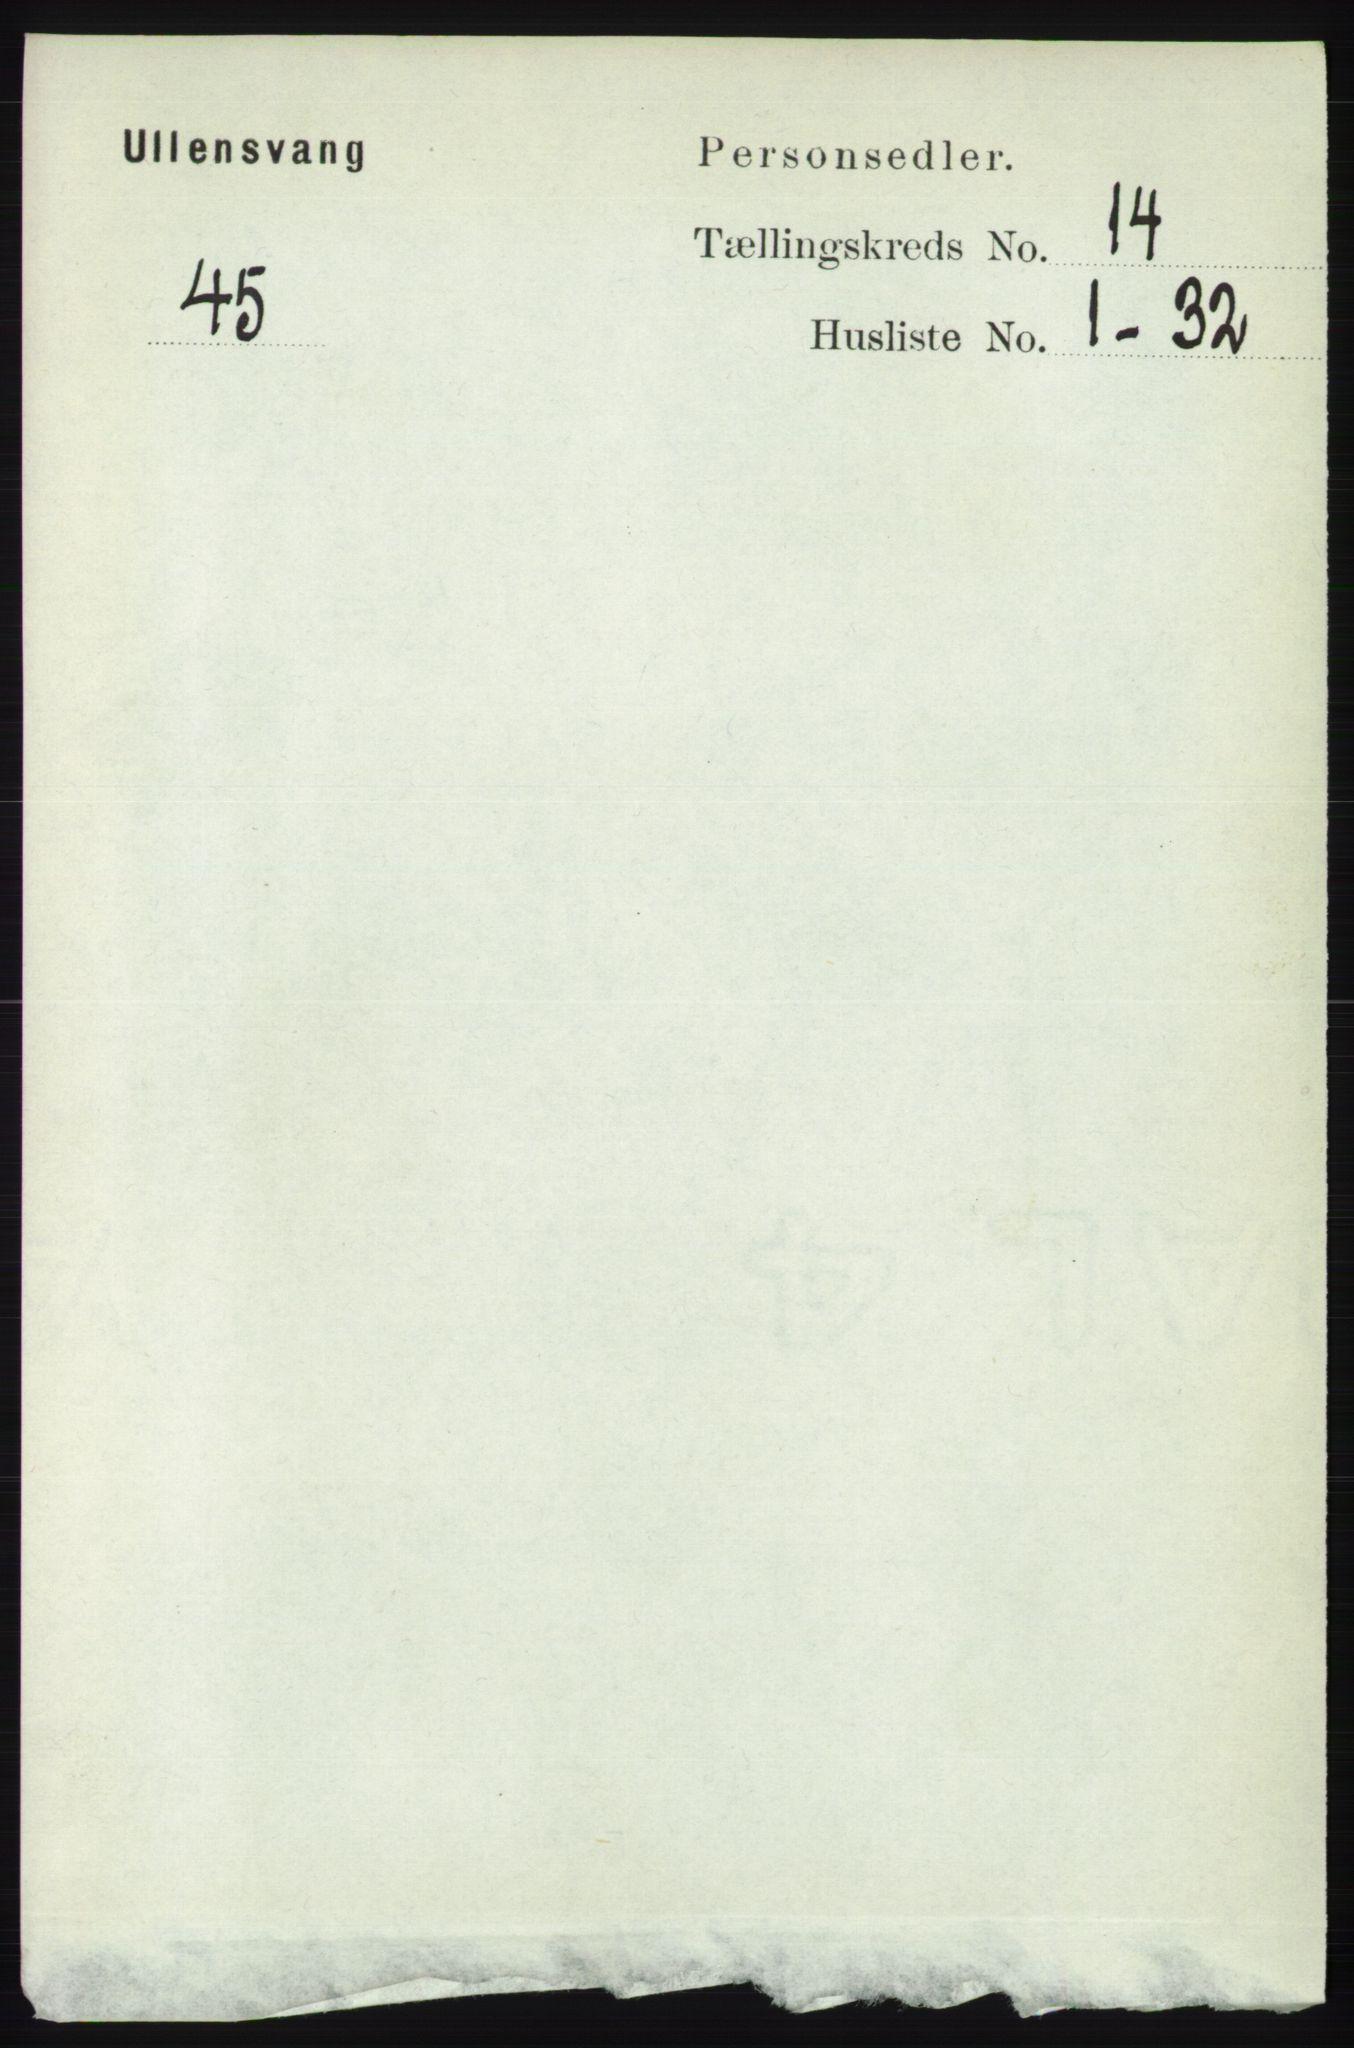 RA, Folketelling 1891 for 1230 Ullensvang herred, 1891, s. 5552